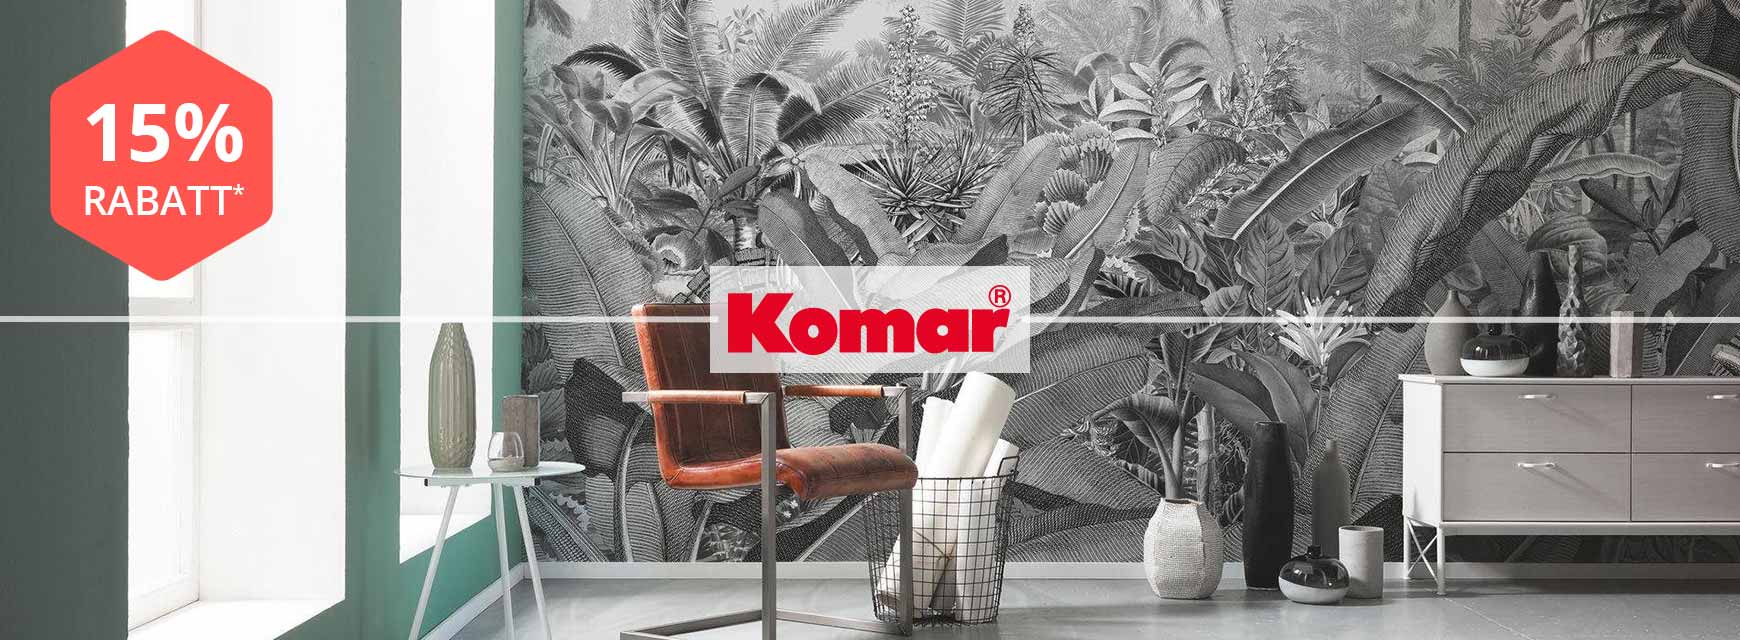 Bild zu yourhome: 15% Rabatt auf das gesamte Sortiment der Marke Komar